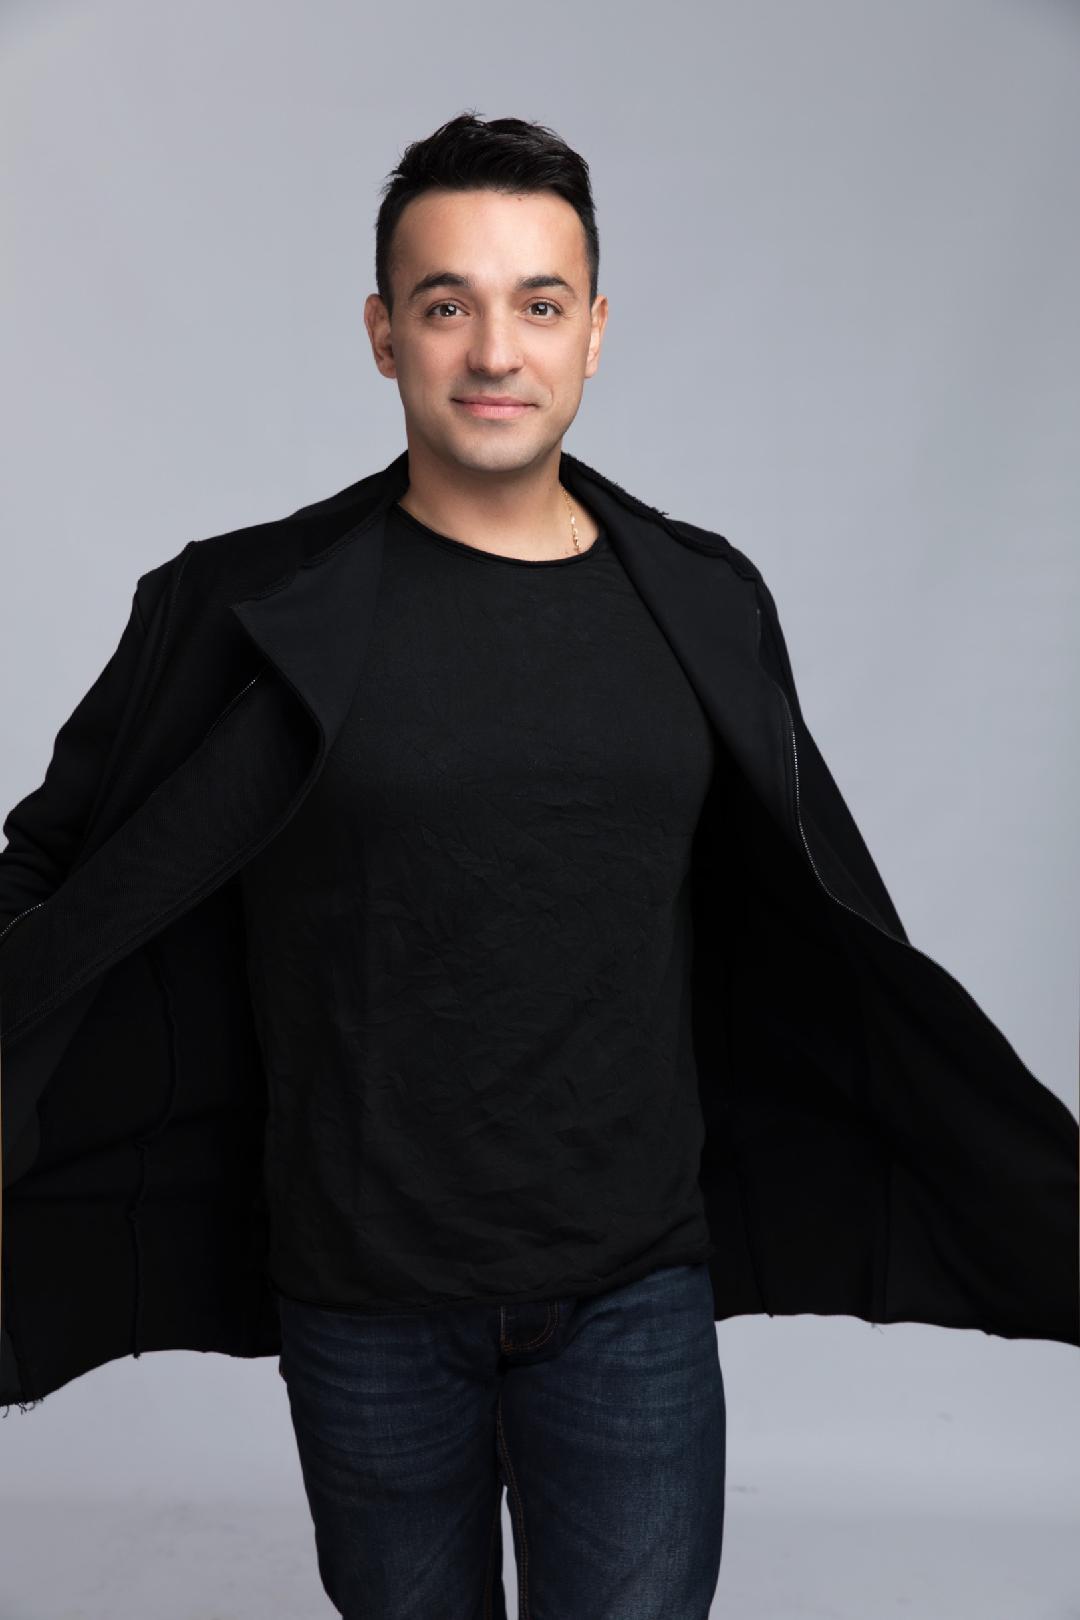 Κωνσταντίνος Τσαχουρίδης: «O Έλληνας πρέπει να είναι περήφανος για τη γονιδιακή του μουσική!»